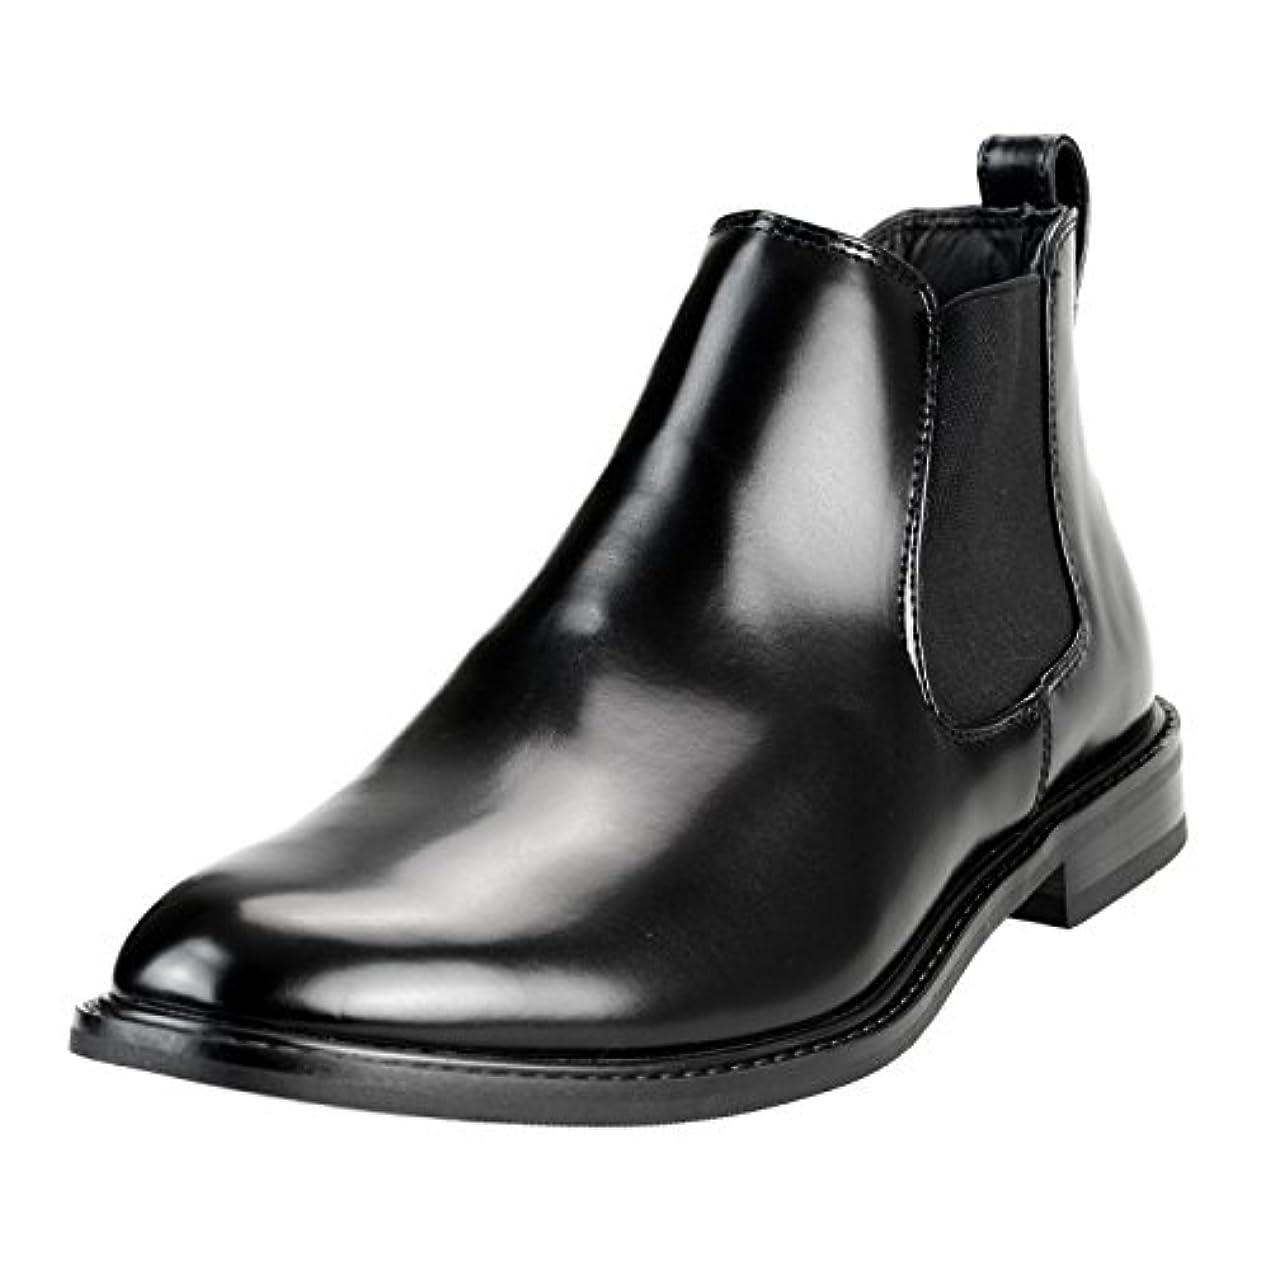 姓叱る額[エムエムワン] MM/ONE メンズ ビジネスシューズ 紳士靴 【AZ373B】